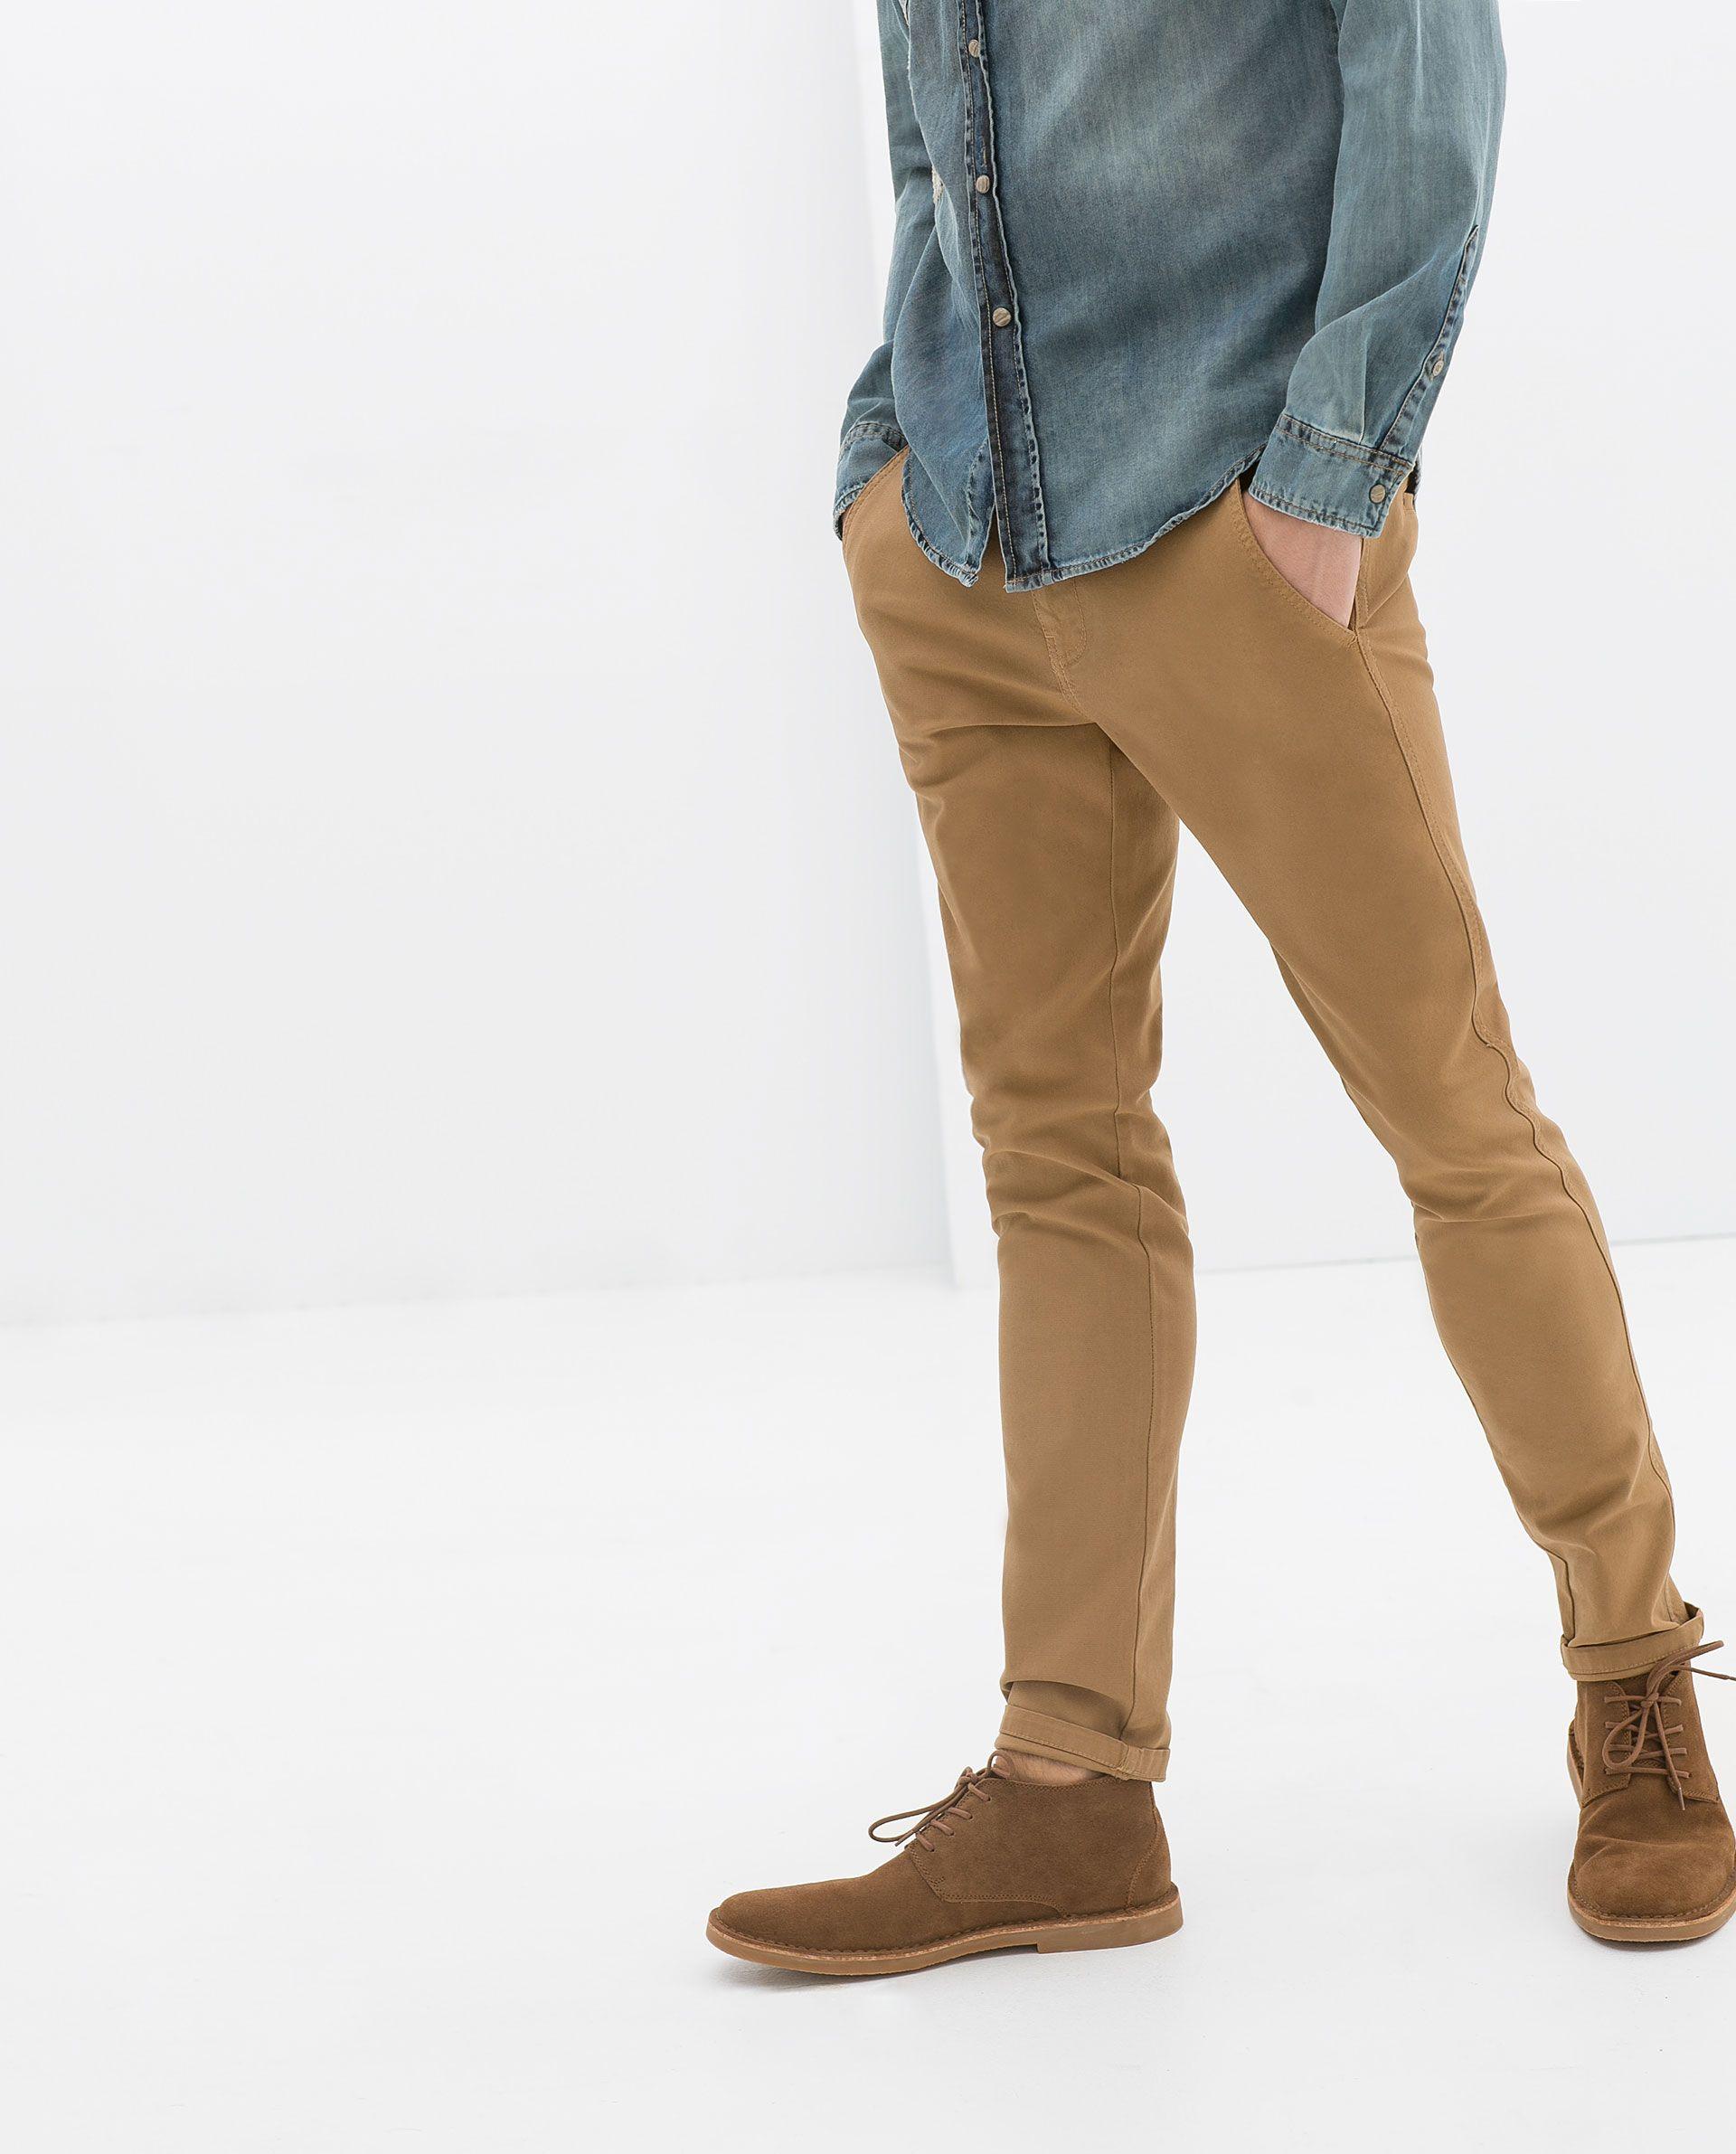 Pantalon Chino Zara Chinos Men Outfit Mens Outfits Tan Chinos